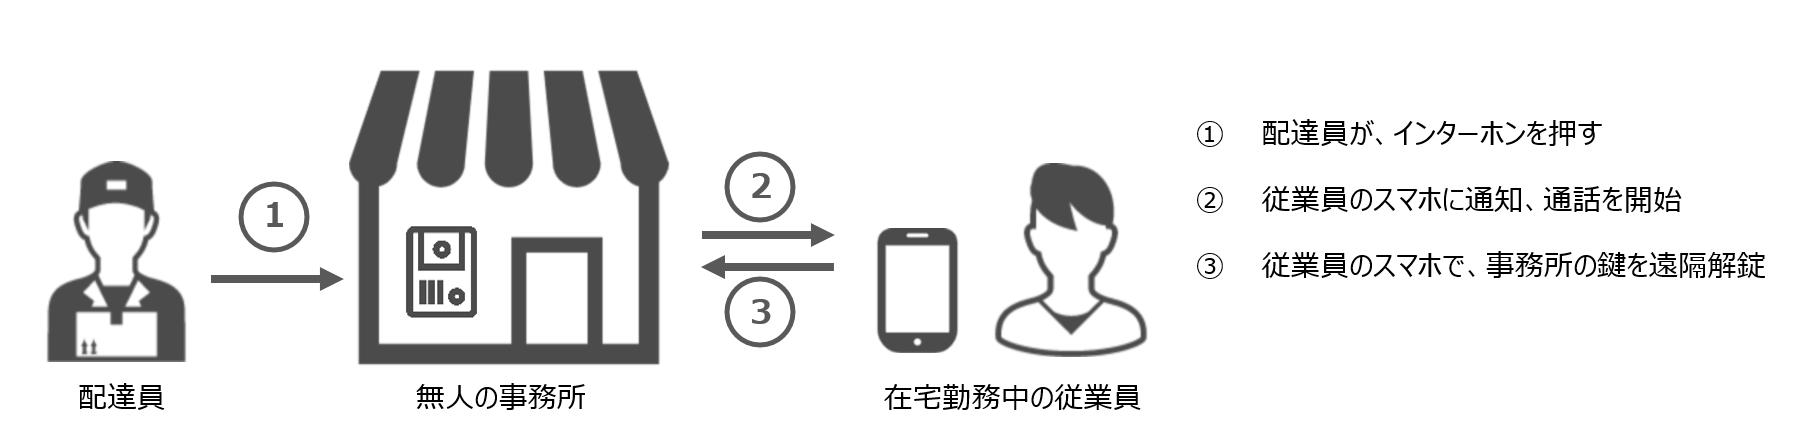 doorphone_shikumi